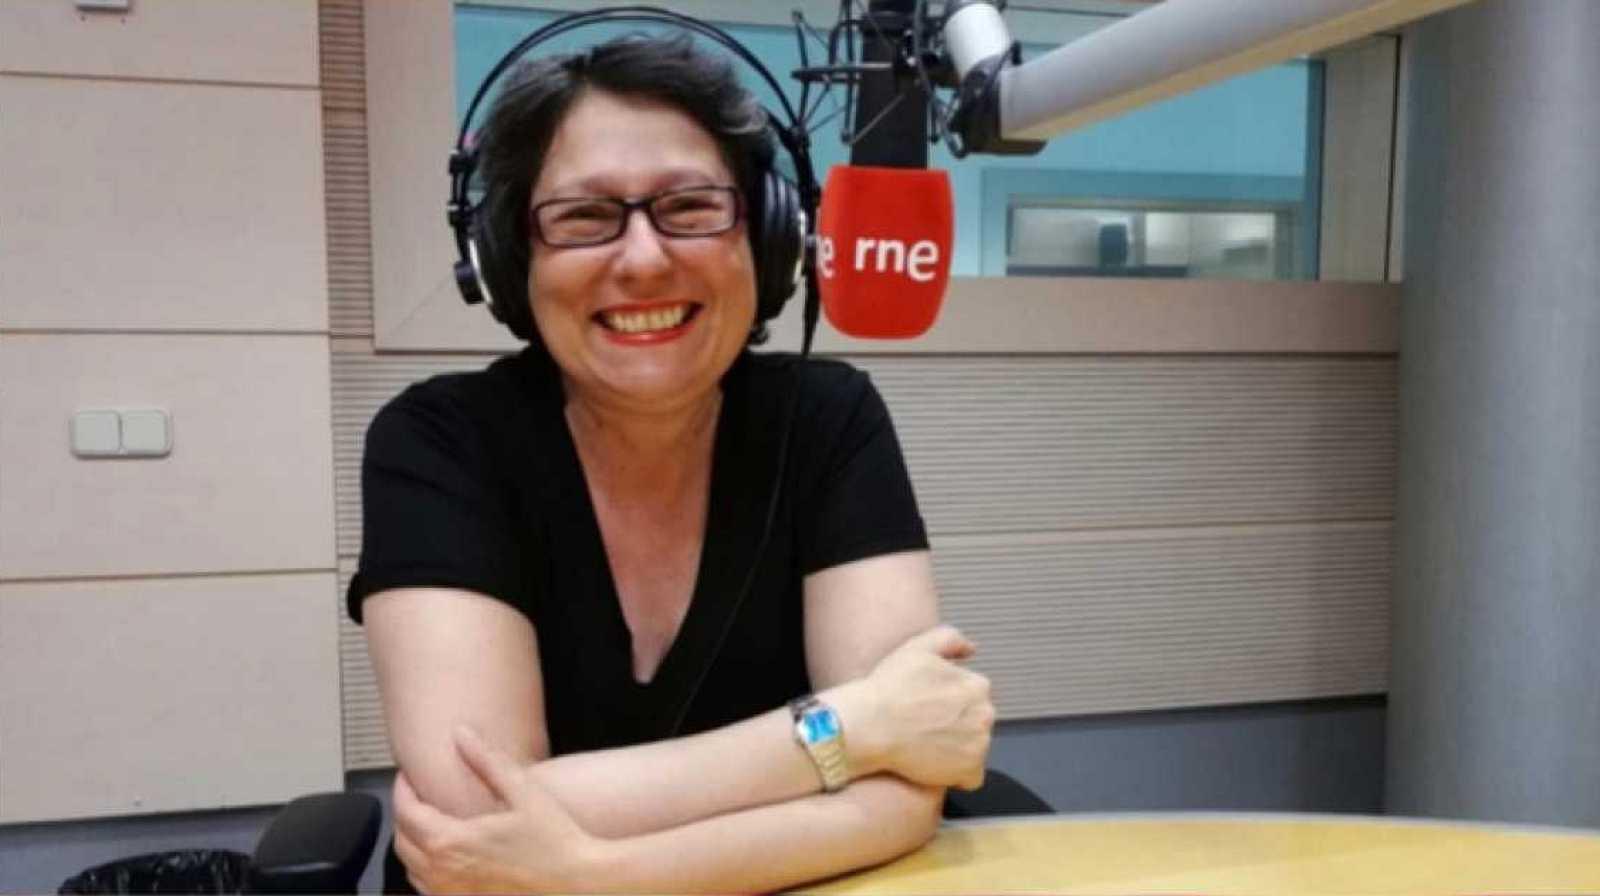 La editora y fotógrafa madrileña ha fallecido por culpa de un cáncer.